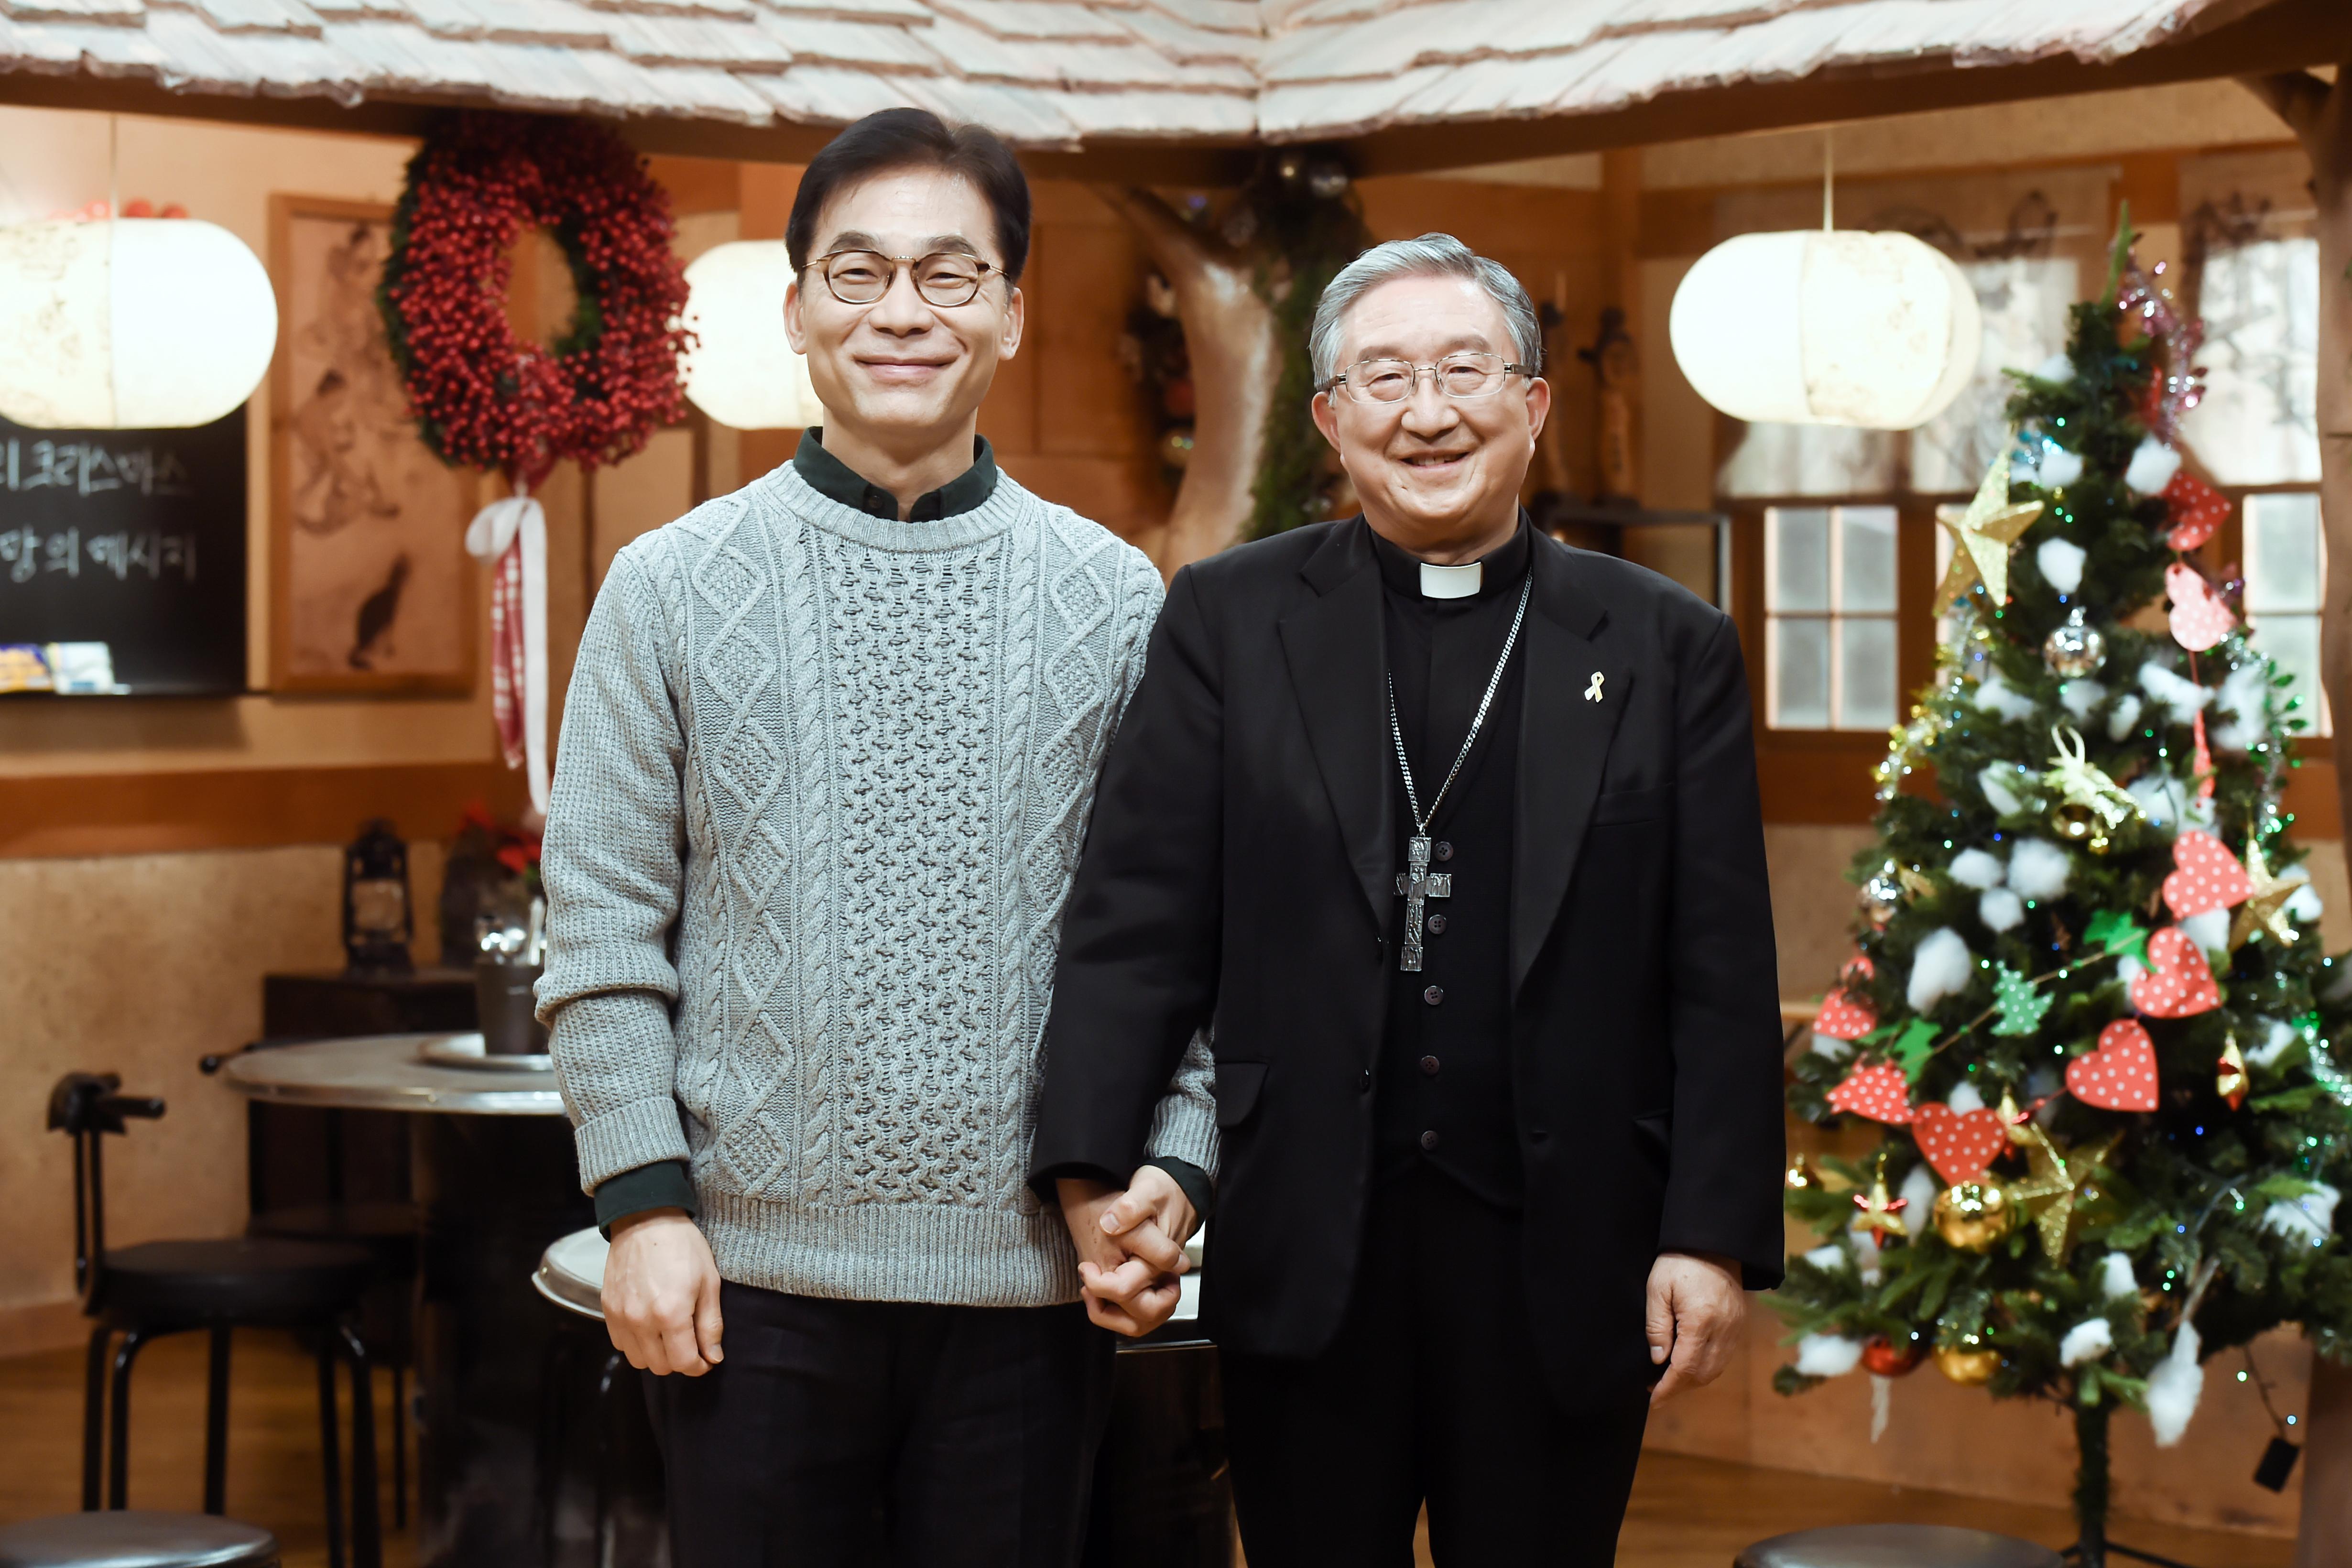 <시사토크 이슈를 말한다> 혼돈의 시기에 찾아온 '성탄절'! 종교의 역할은?